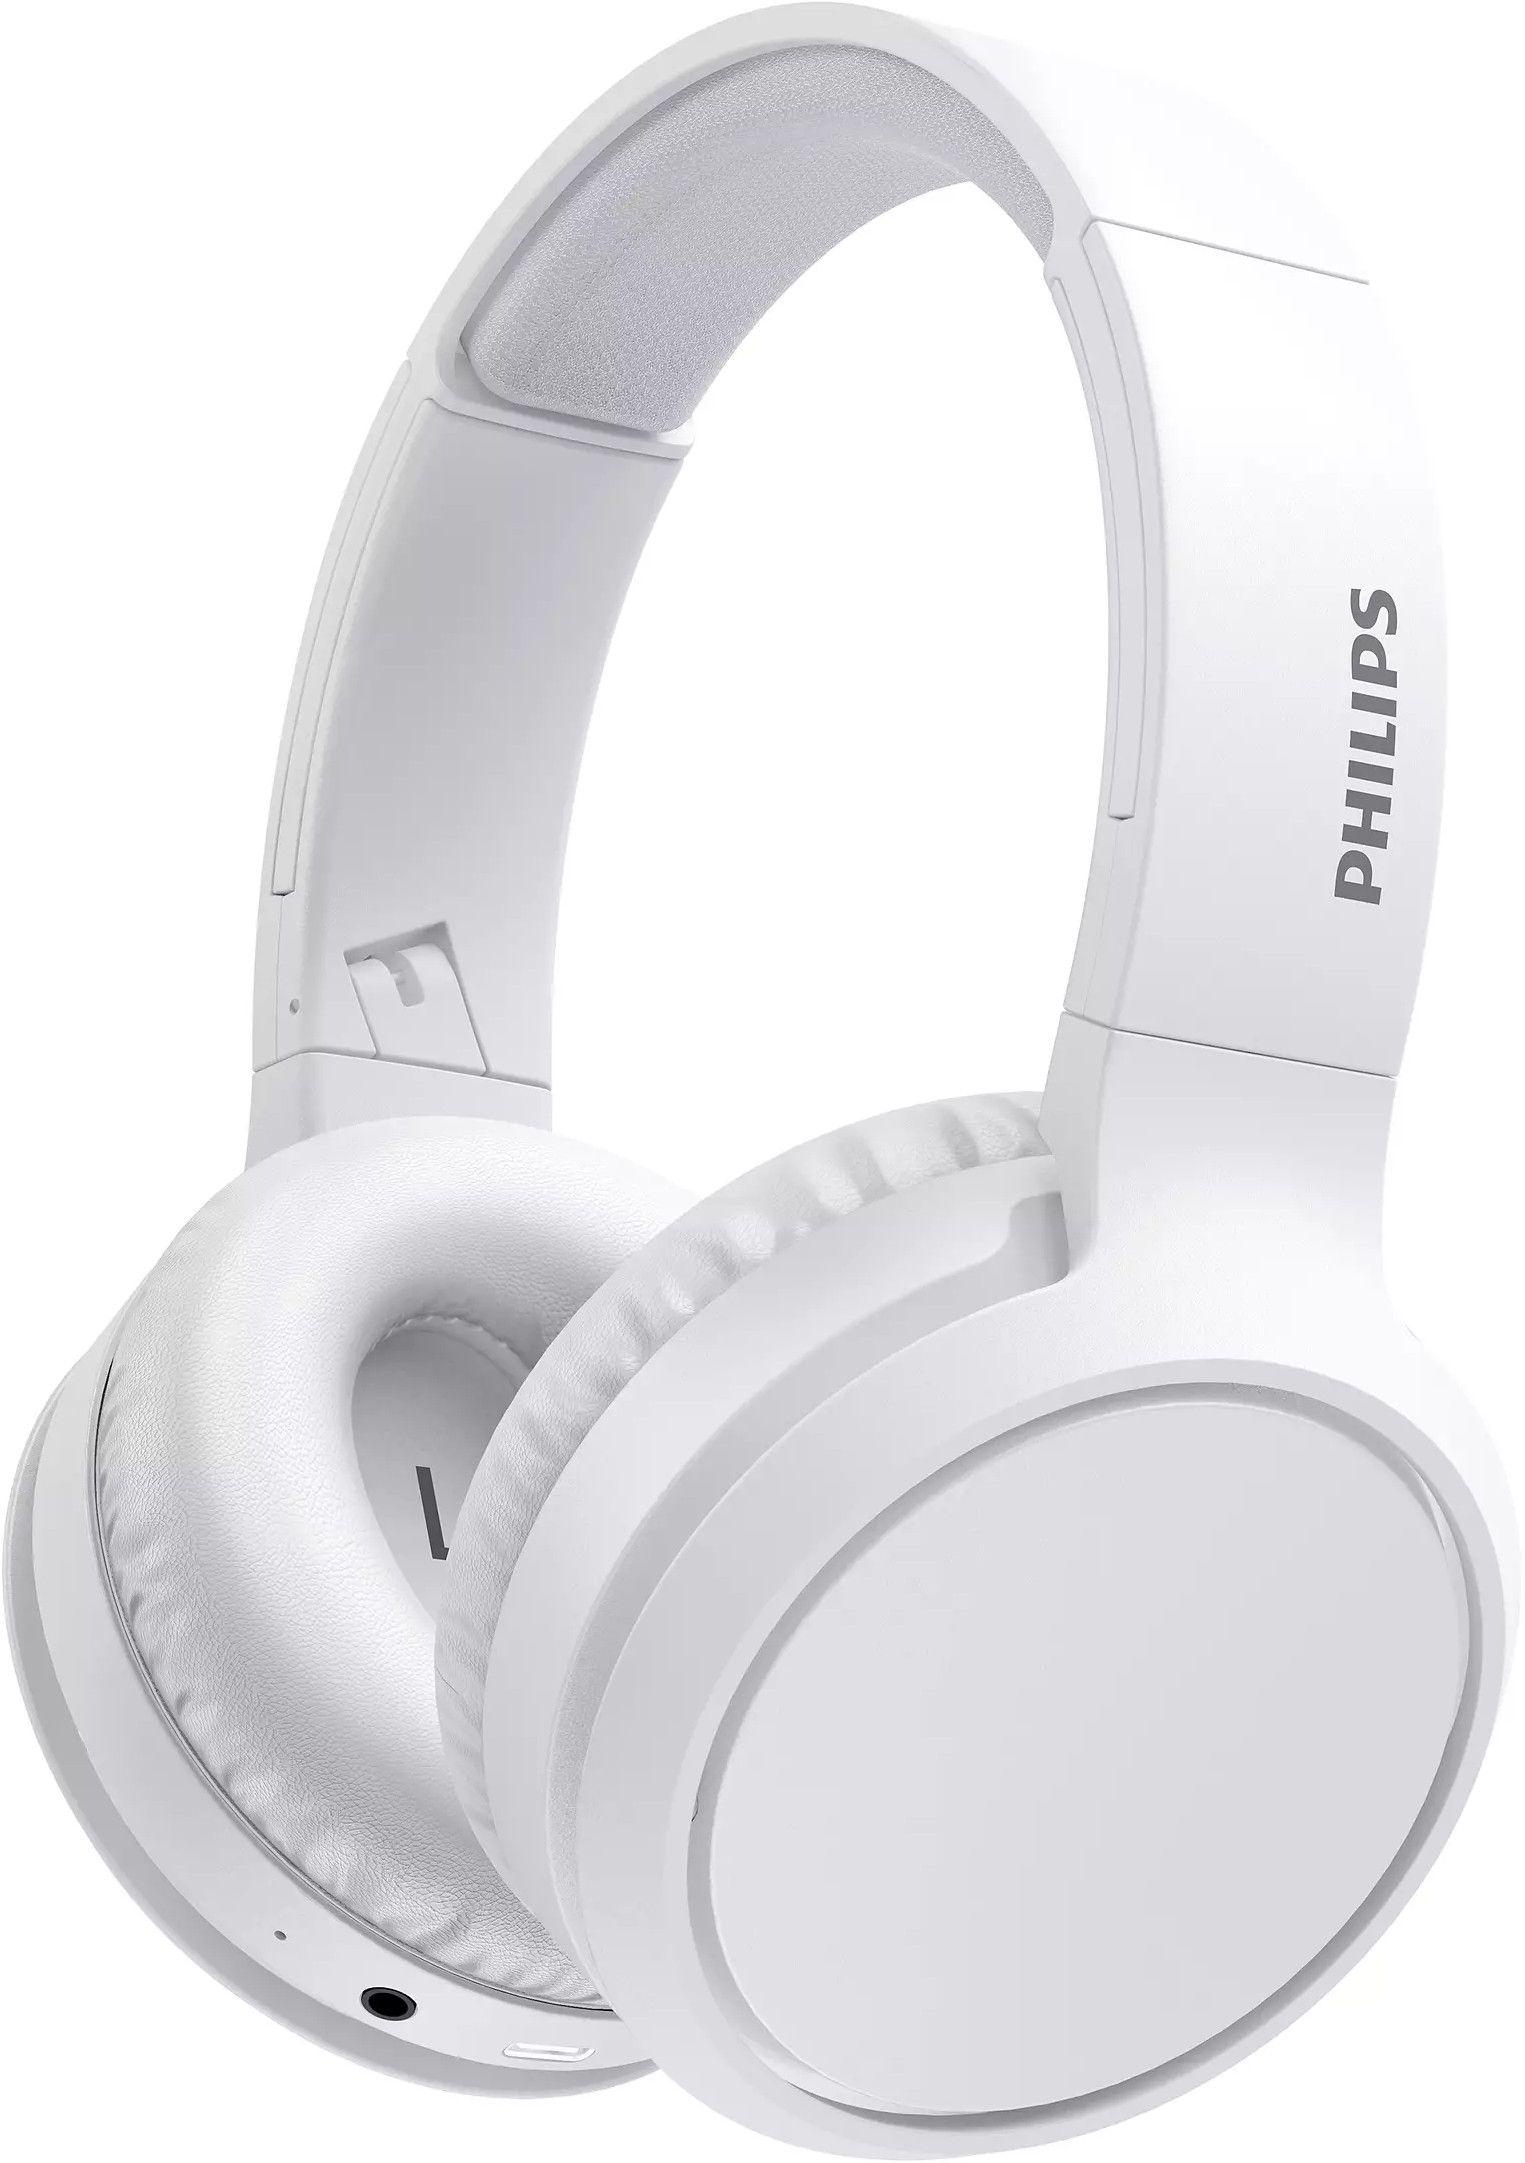 Безжични слушалки Philips TAH5205WT с микрофон, бели